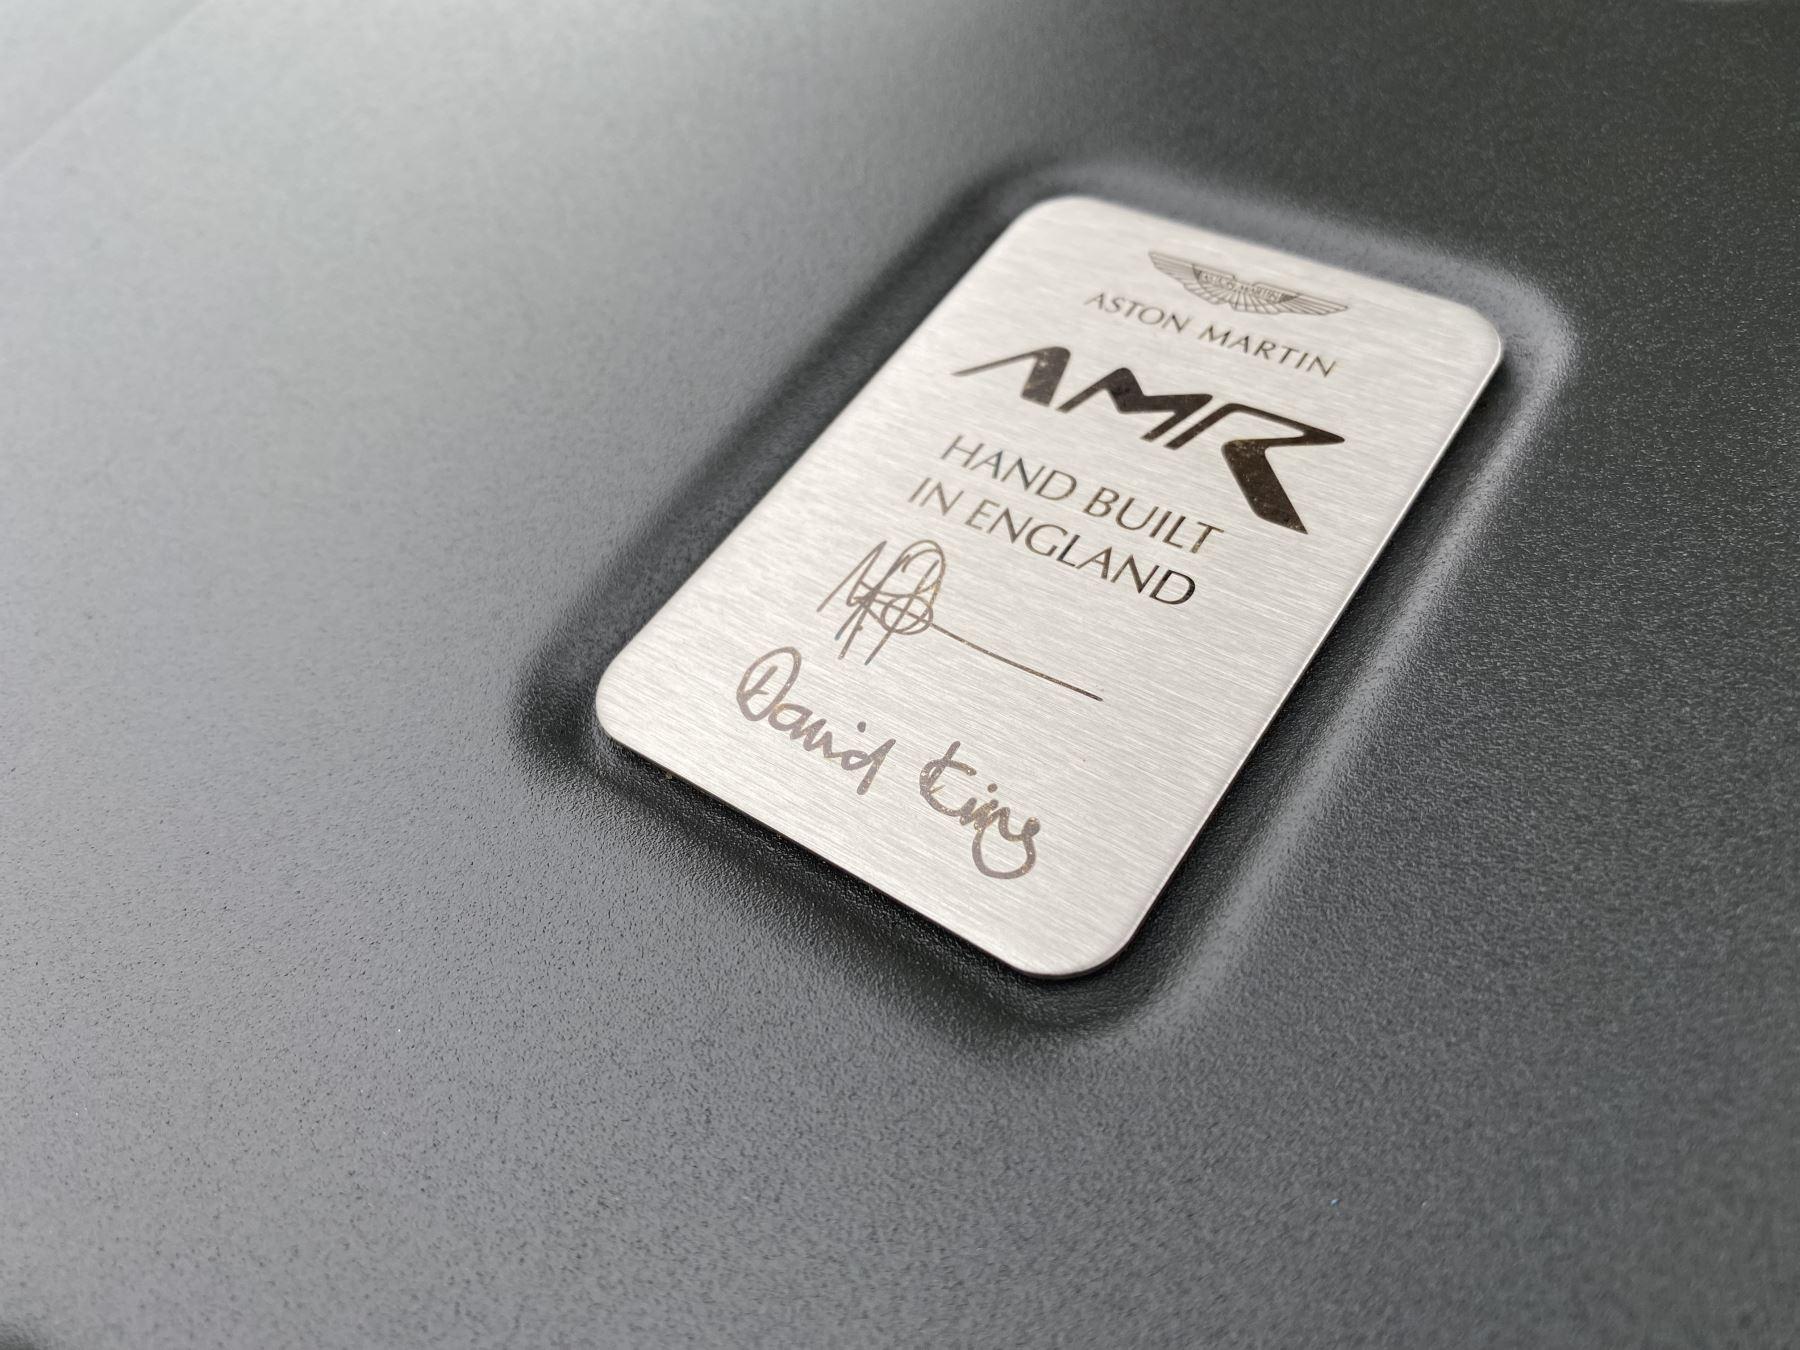 Aston Martin Vantage AMR AMR 2dr Manual  image 19